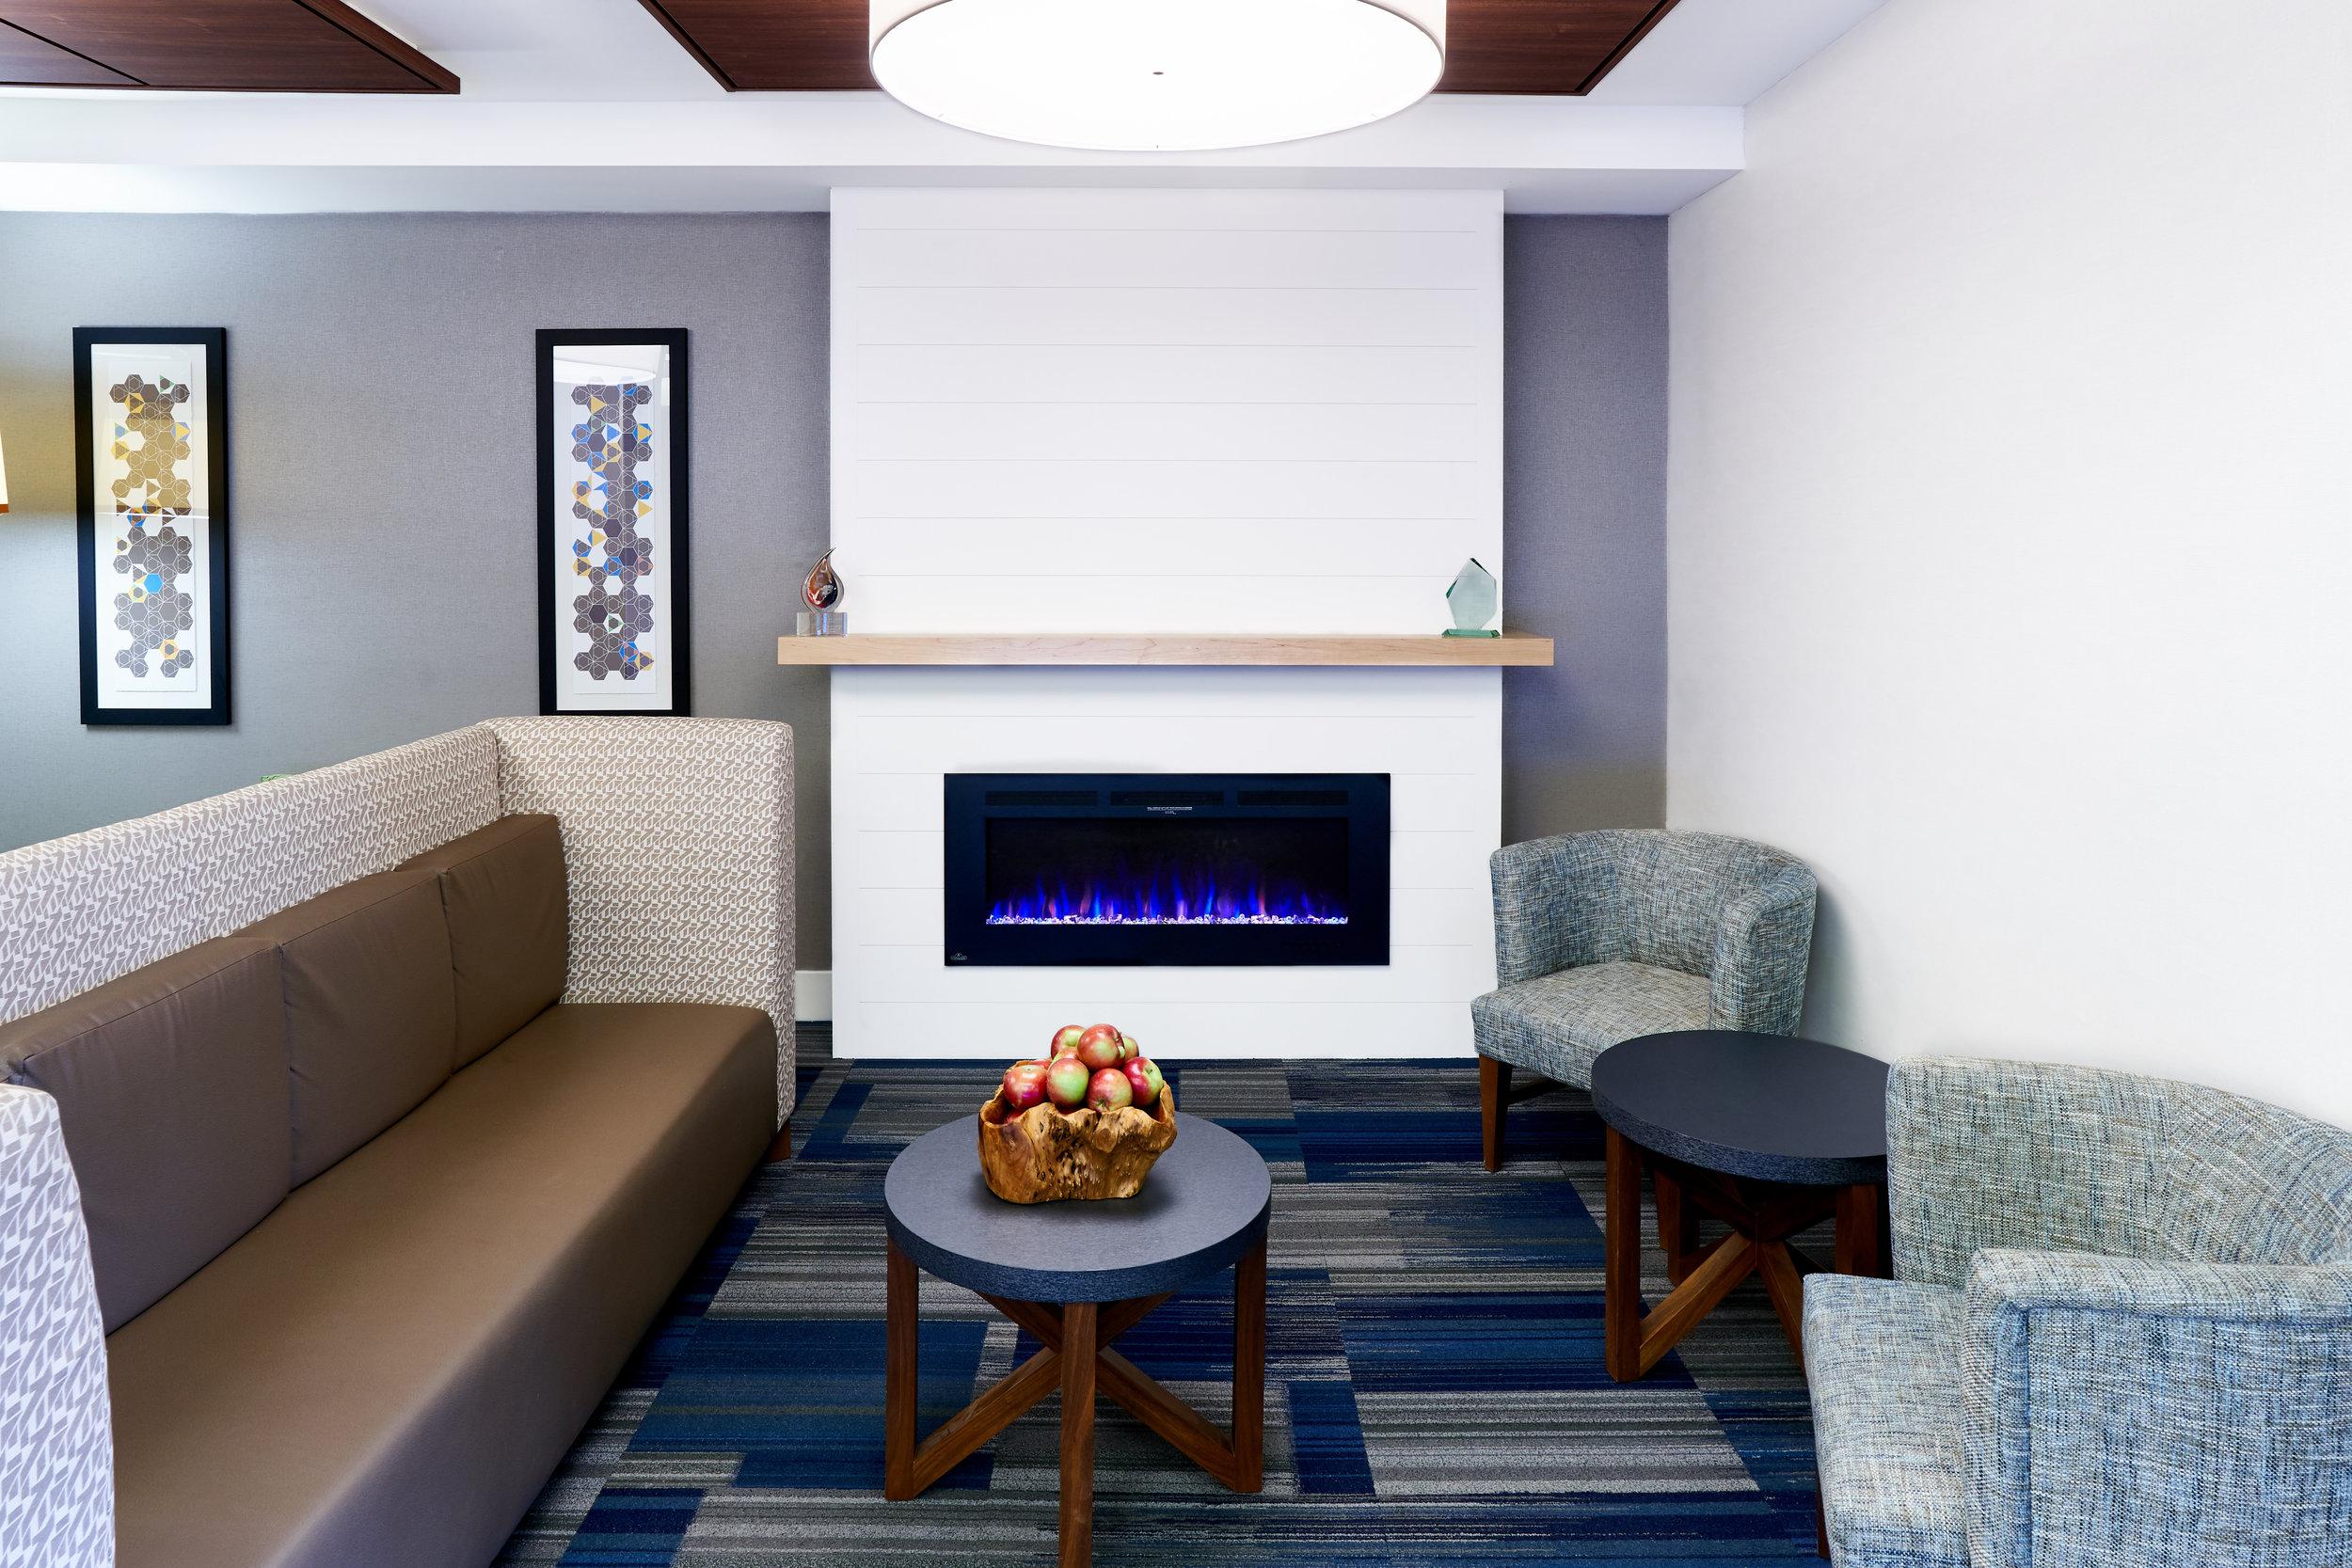 Holiday Inn Express - Fireplace 2.jpg